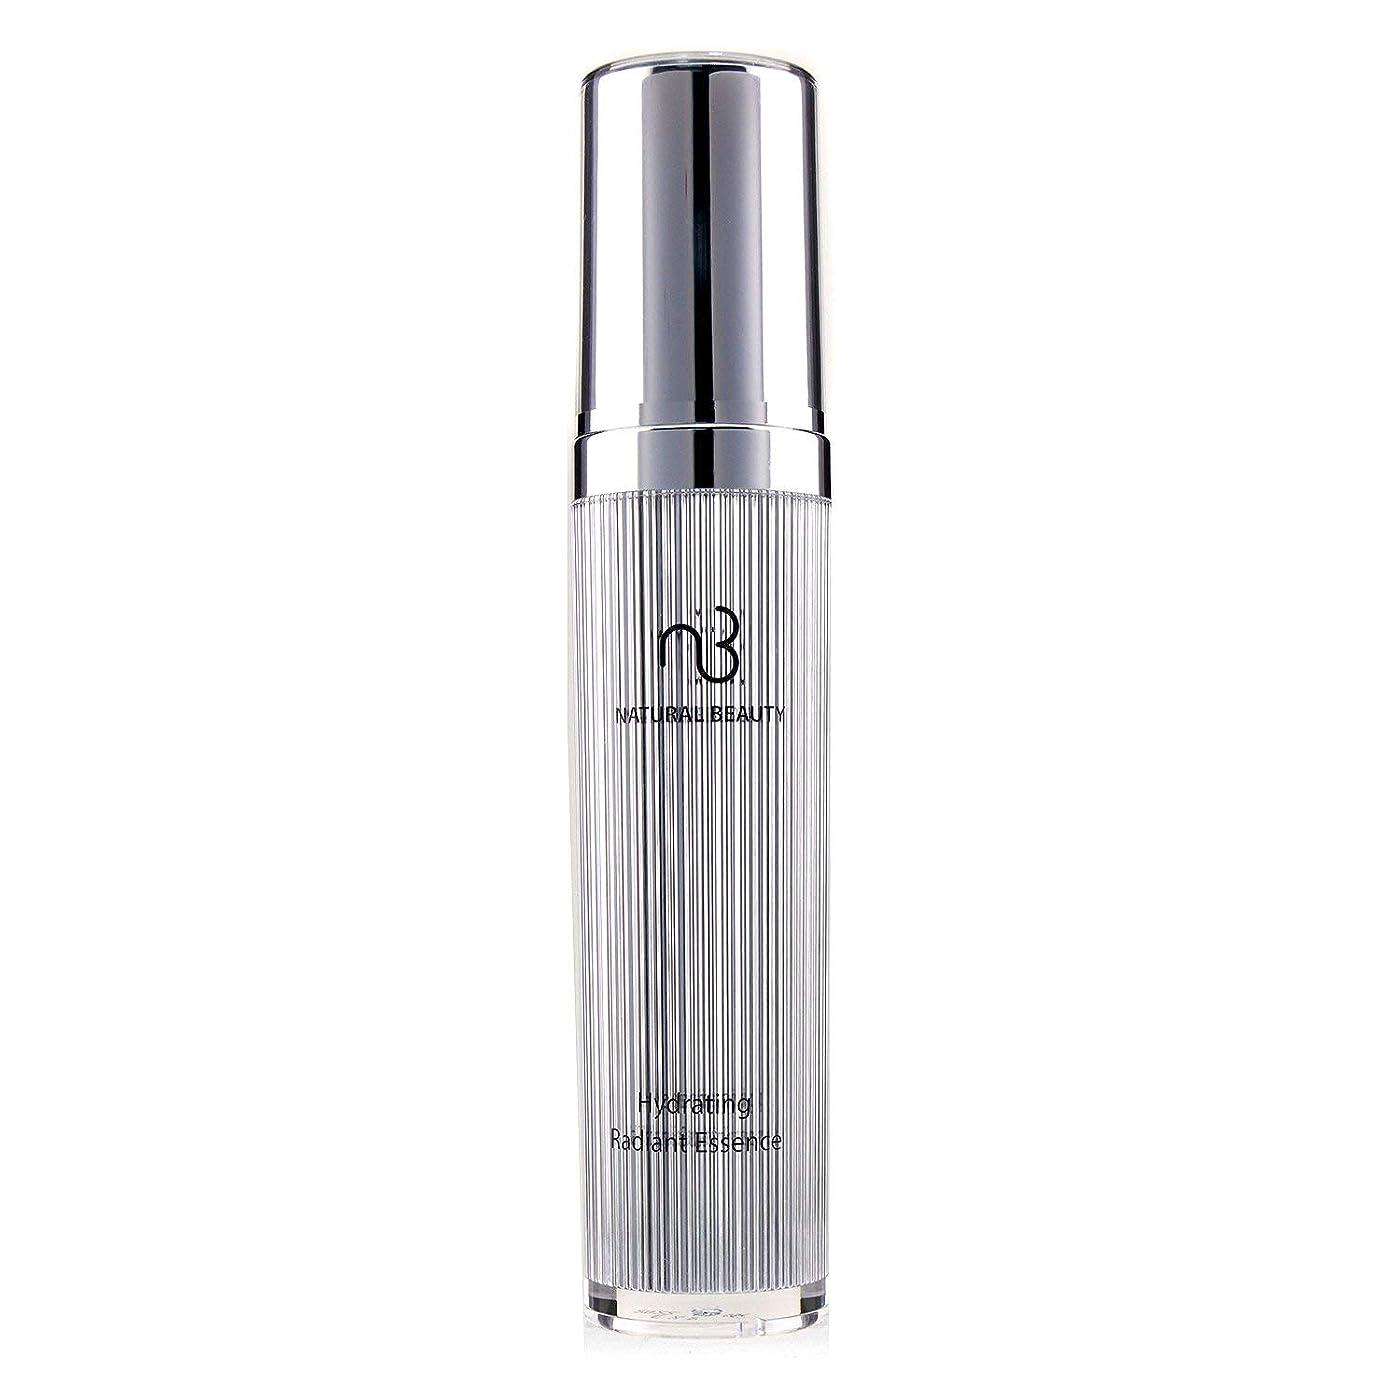 パイ大洪水お願いします自然の美 ハイドレイティングラディアントエッセンス Natural Beauty Hydrating Radiant Essence 50ml/1.7oz並行輸入品